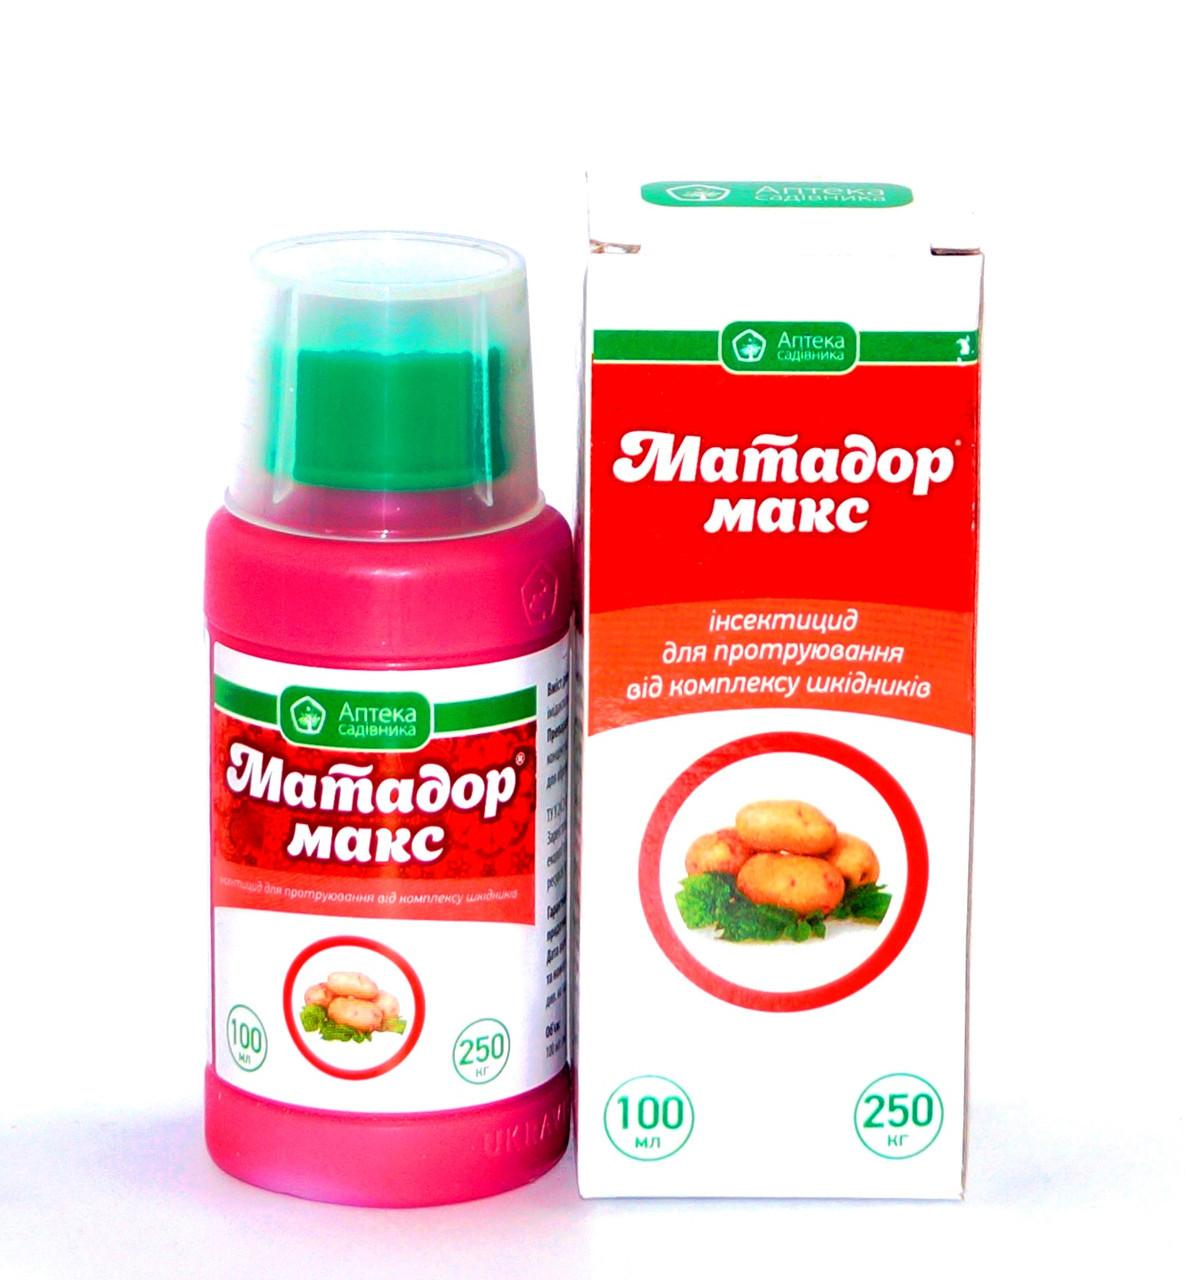 Протравитель Матадор МАКС 100 мл (лучшая цена купить оптом и в розницу)